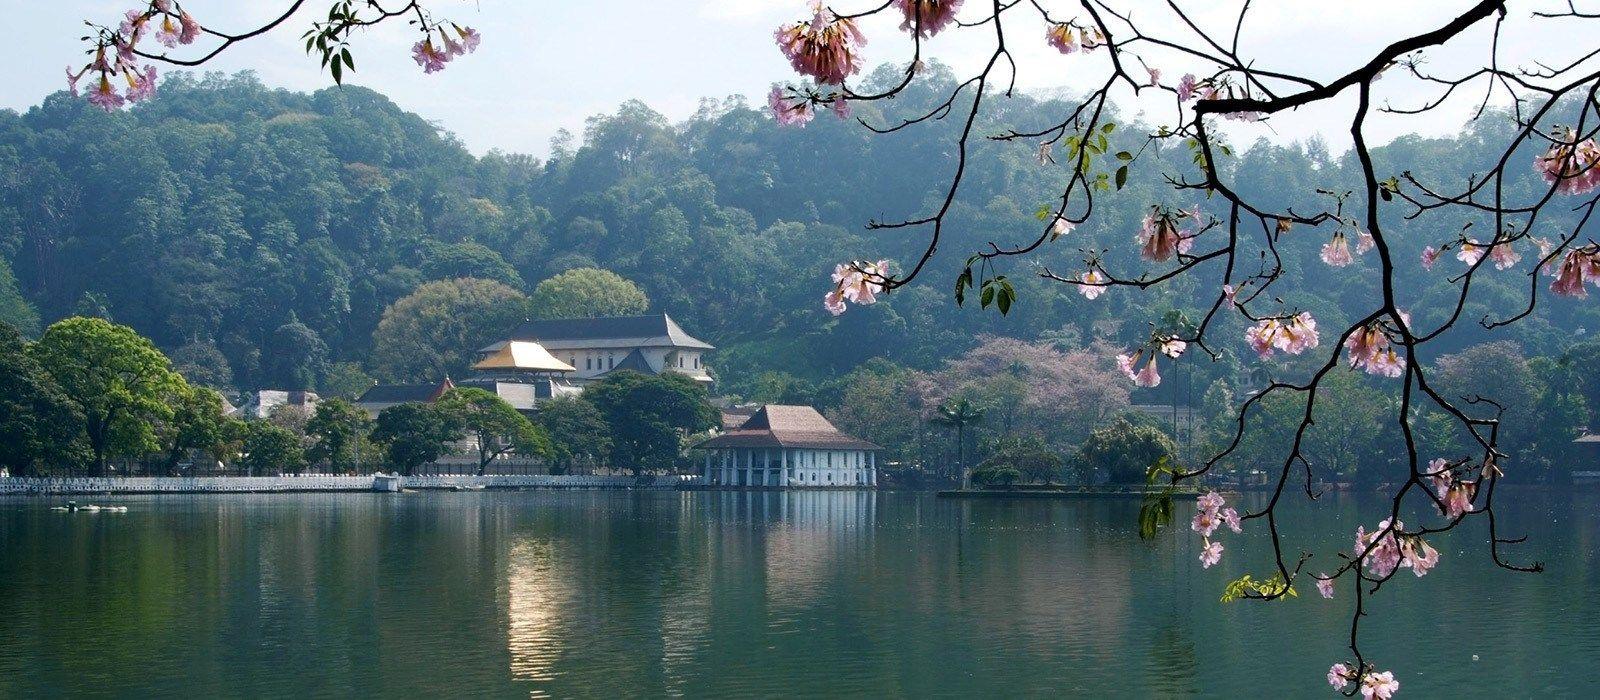 Bezauberndes Sri Lanka – Tempel, Teeplantagen und Traumstrände Urlaub 5